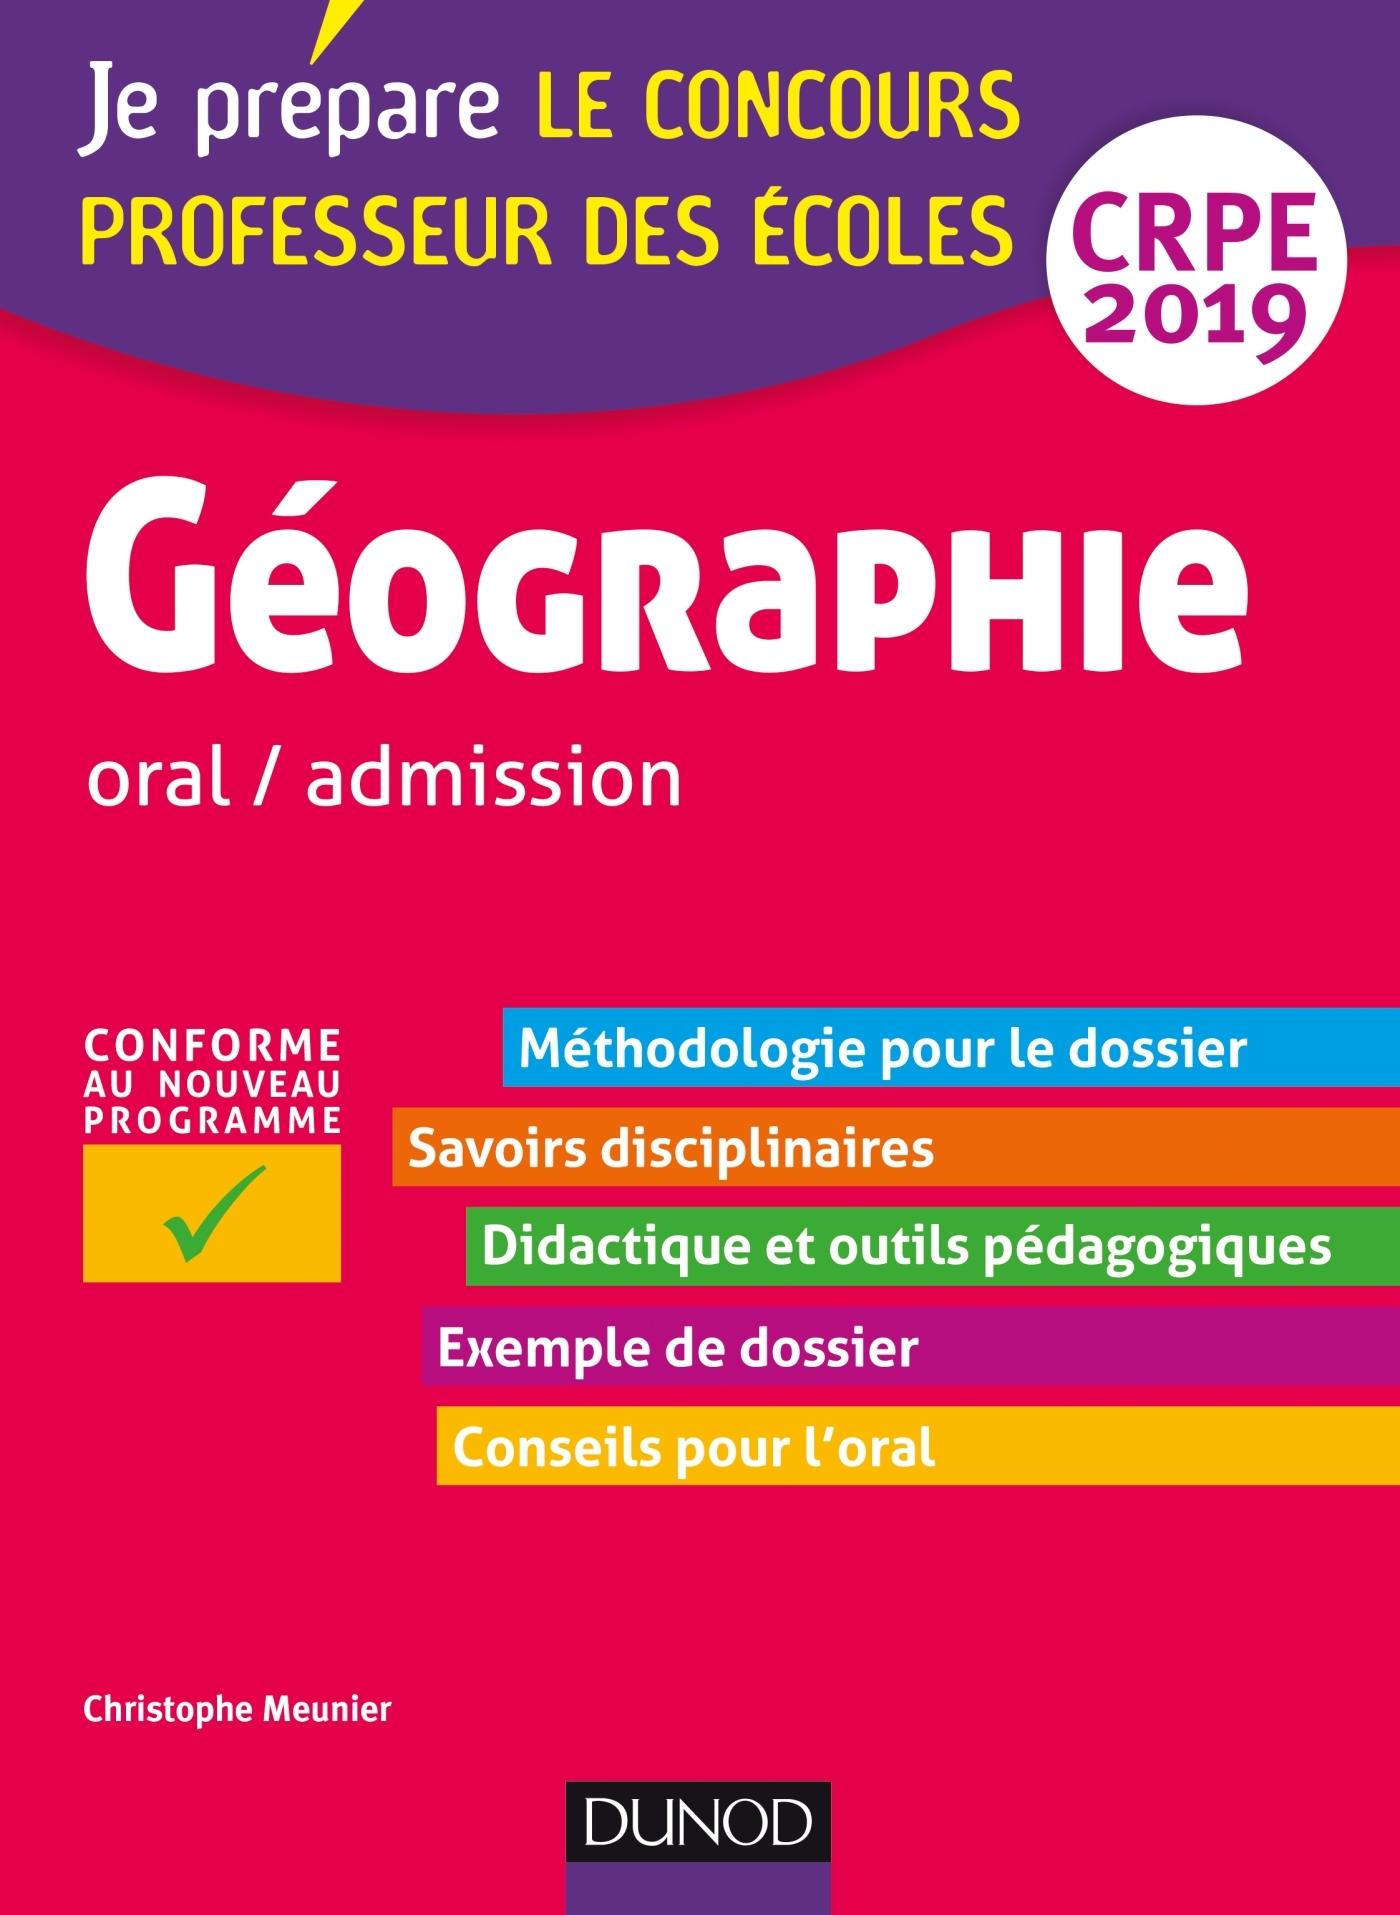 GEOGRAPHIE - PROFESSEUR DES ECOLES - ORAL / ADMISSION - CRPE 2019